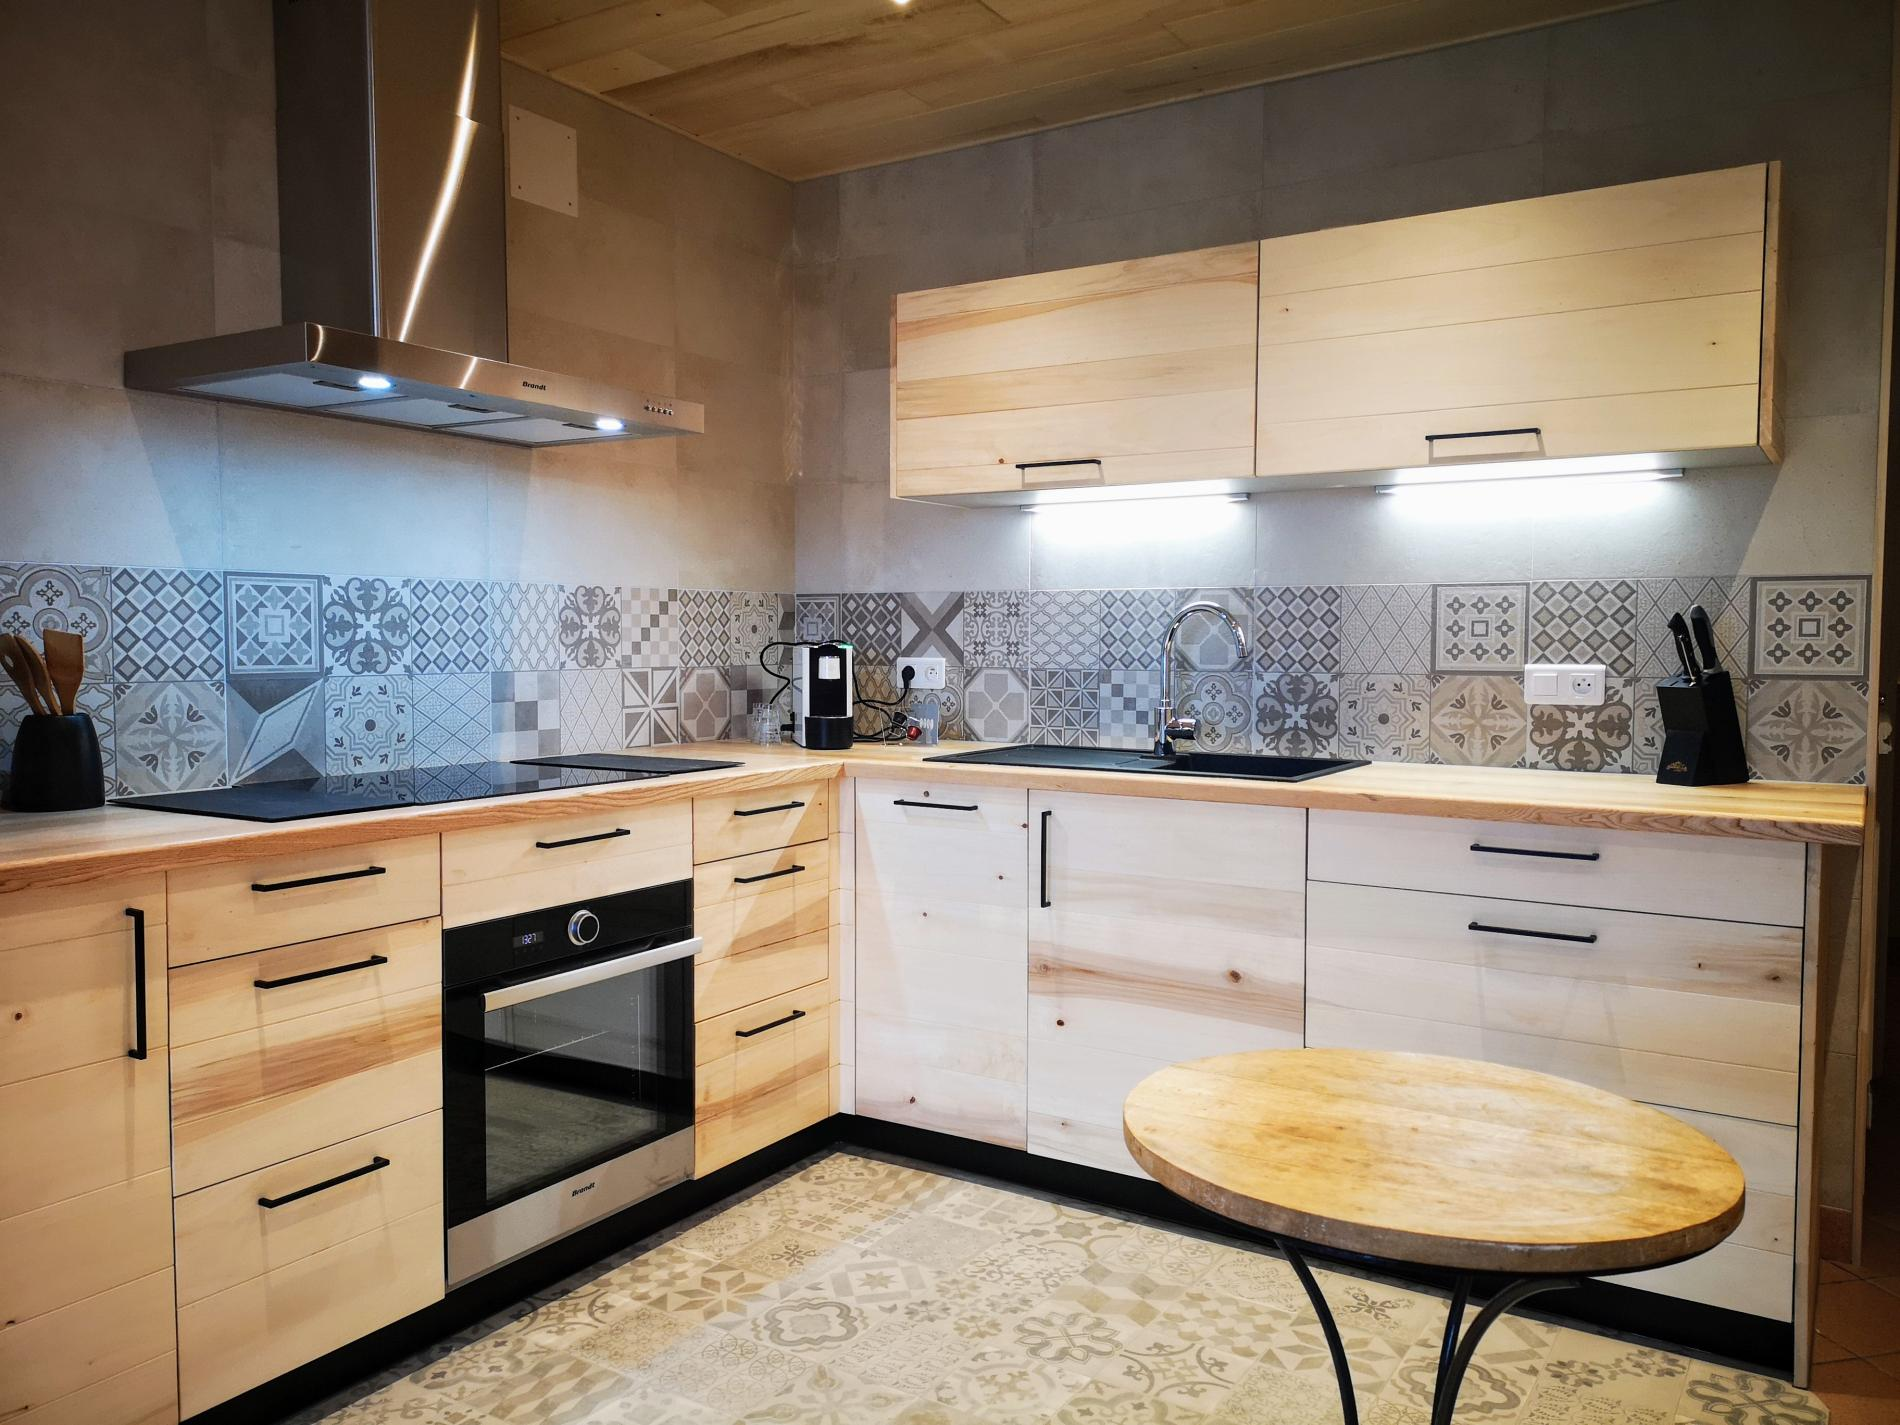 Votre cuisine toute équipée